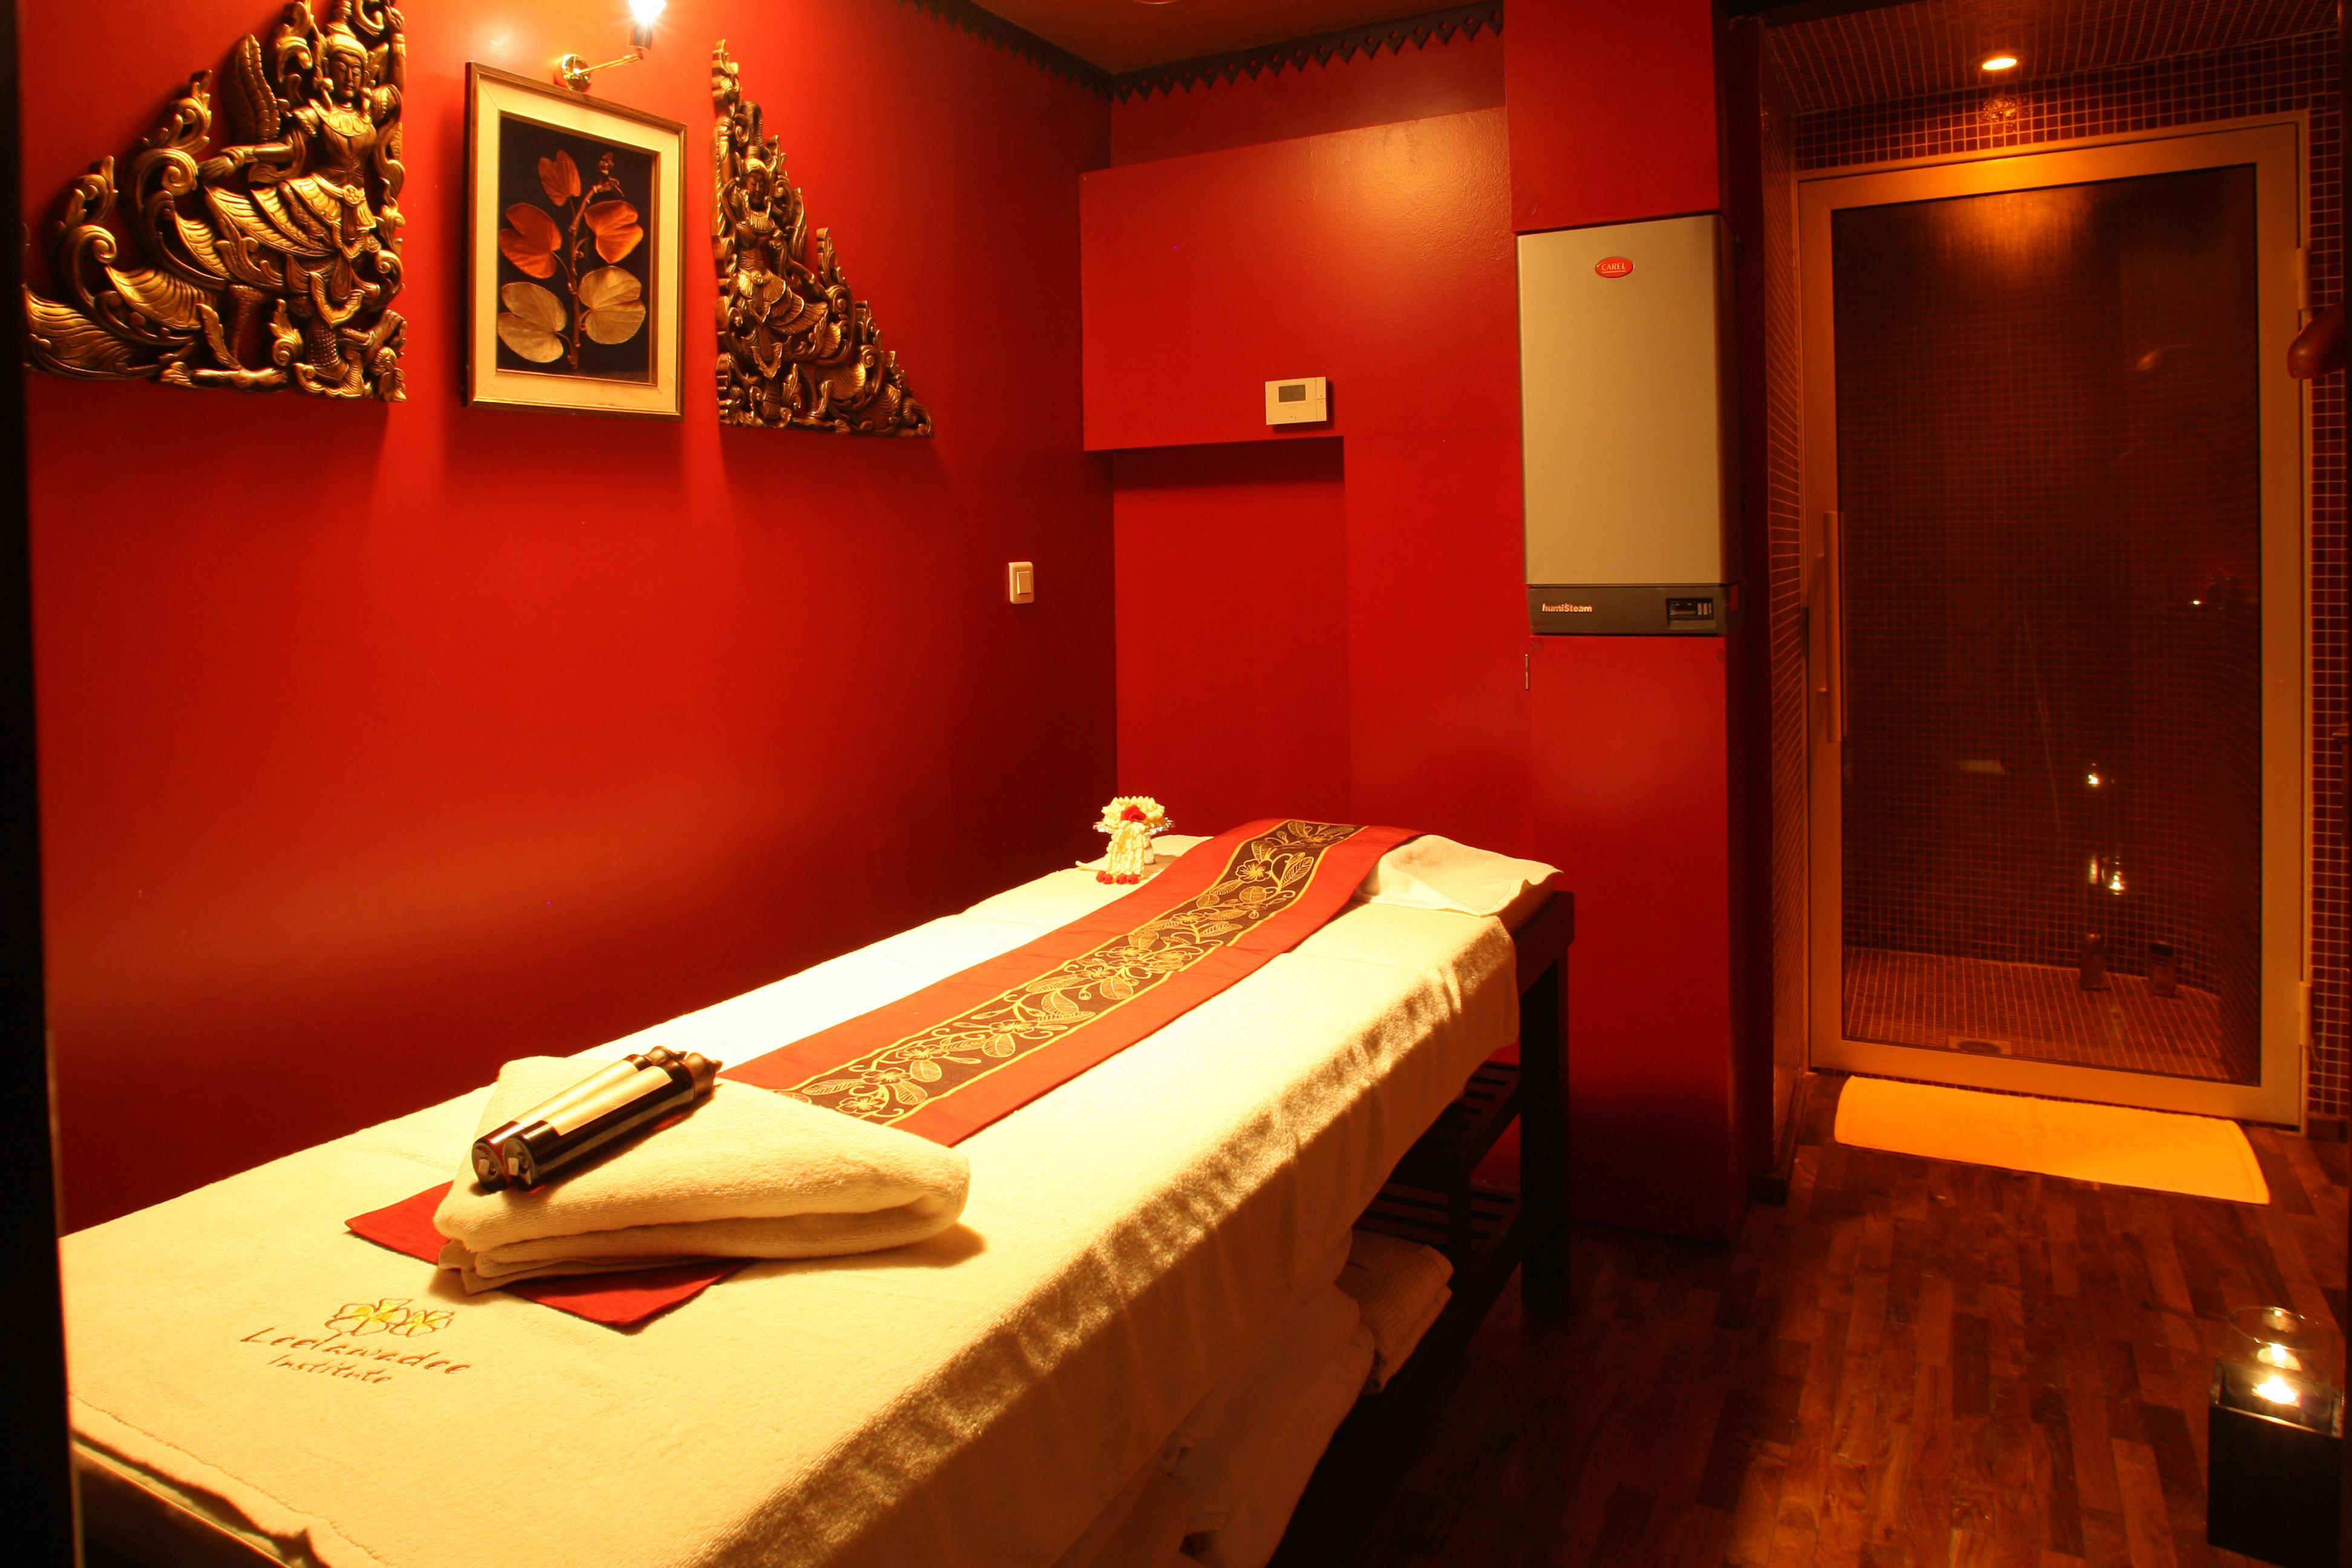 Bien choisir son salon de bien tre votre sant - Salon de massage a colmar ...